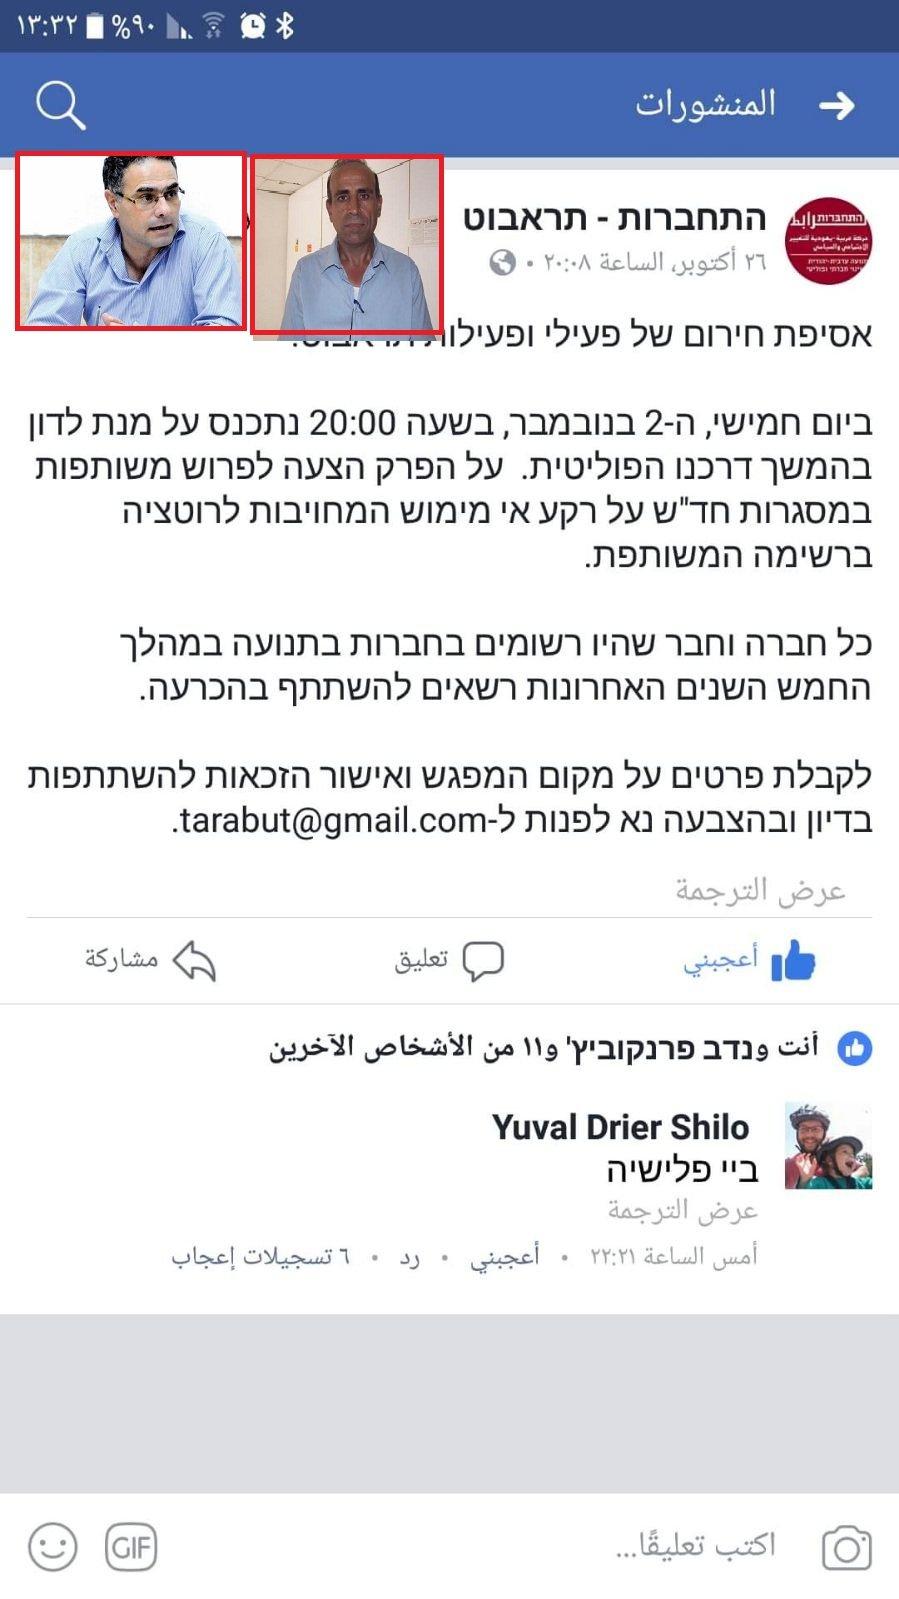 التناوب في المشتركة: دهامشة يؤكد لا اتفاقية مع التجمع.. واستقالات جماعية من التقدميين اليهود!